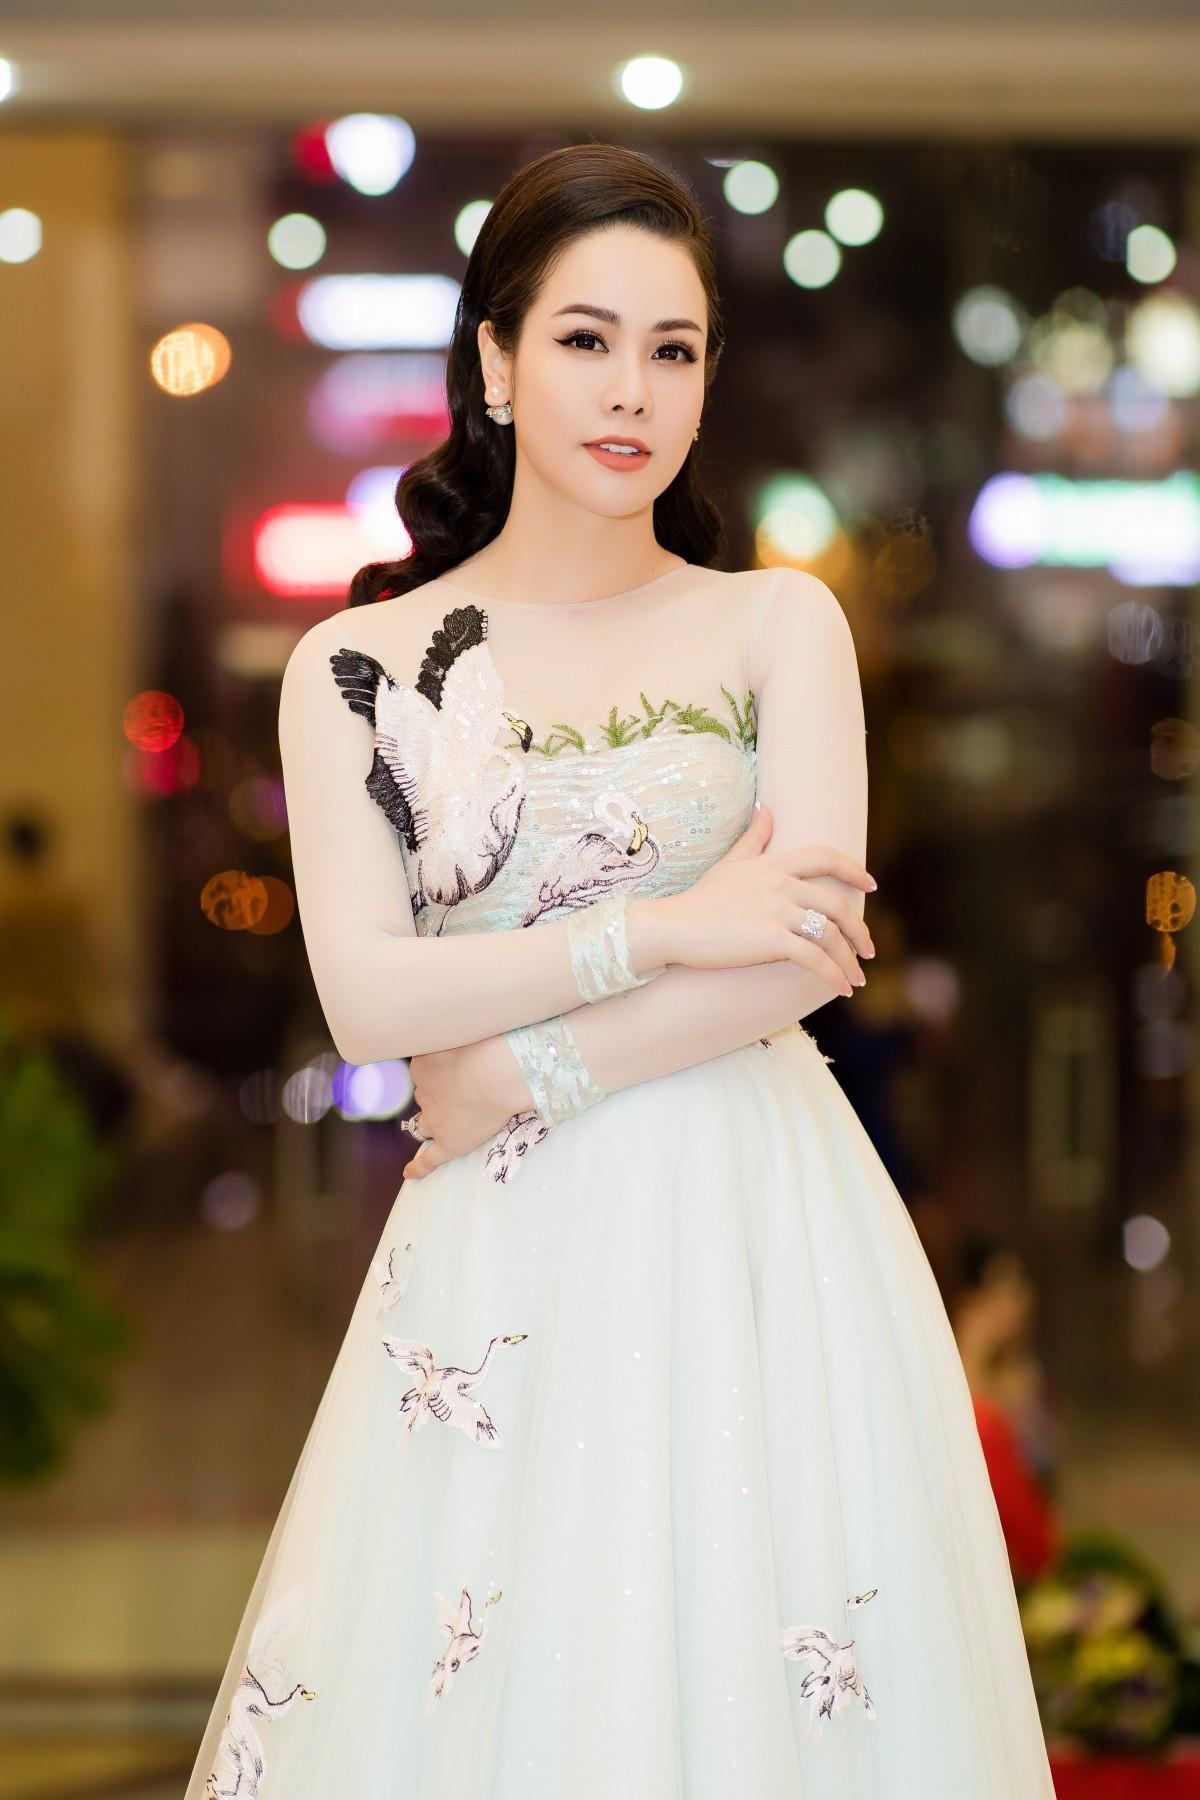 Nỗi khổ không được gặp con của Nhật Kim Anh sau 3 năm li hôn chồng cũ - Ảnh 2.